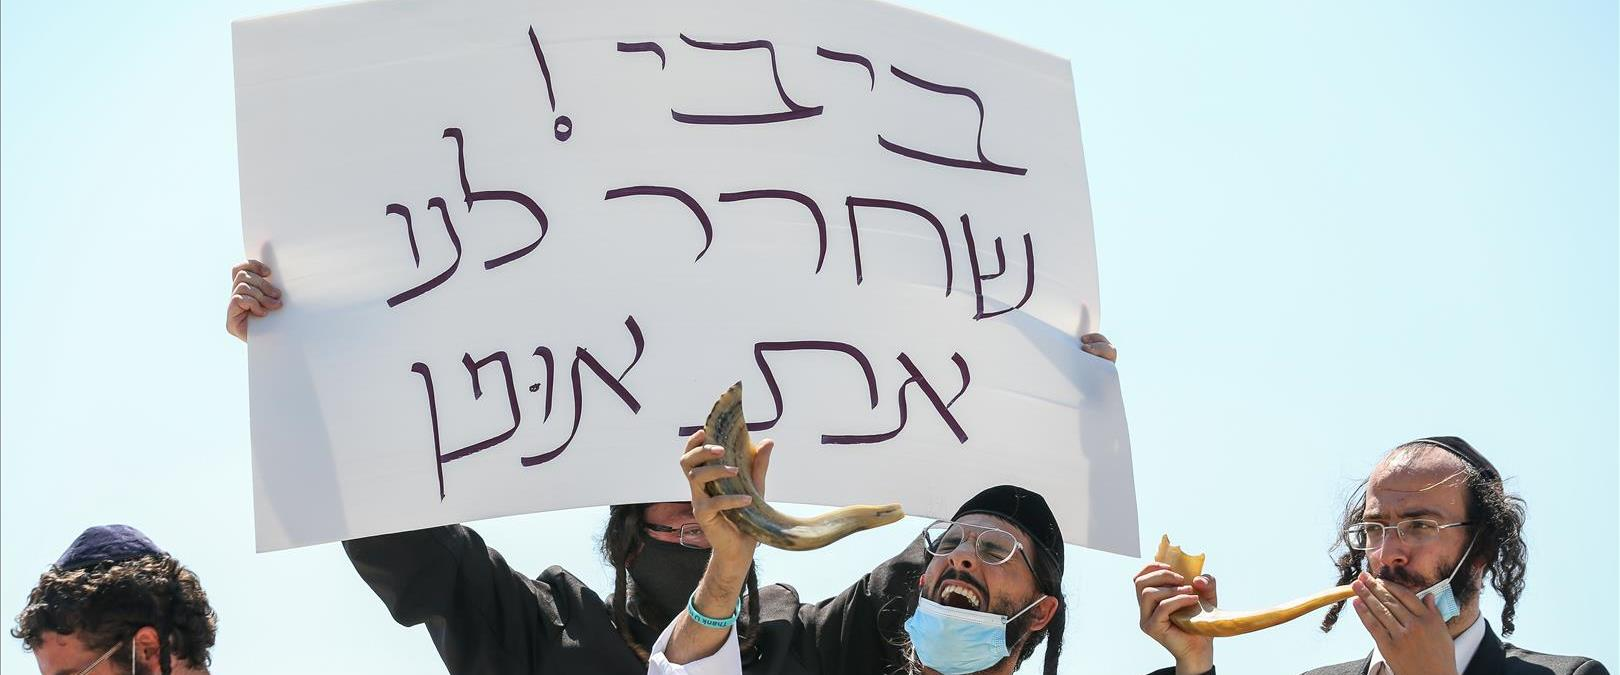 מחאת חסידי ברסלב נגד איסור הנסיעה לאומן